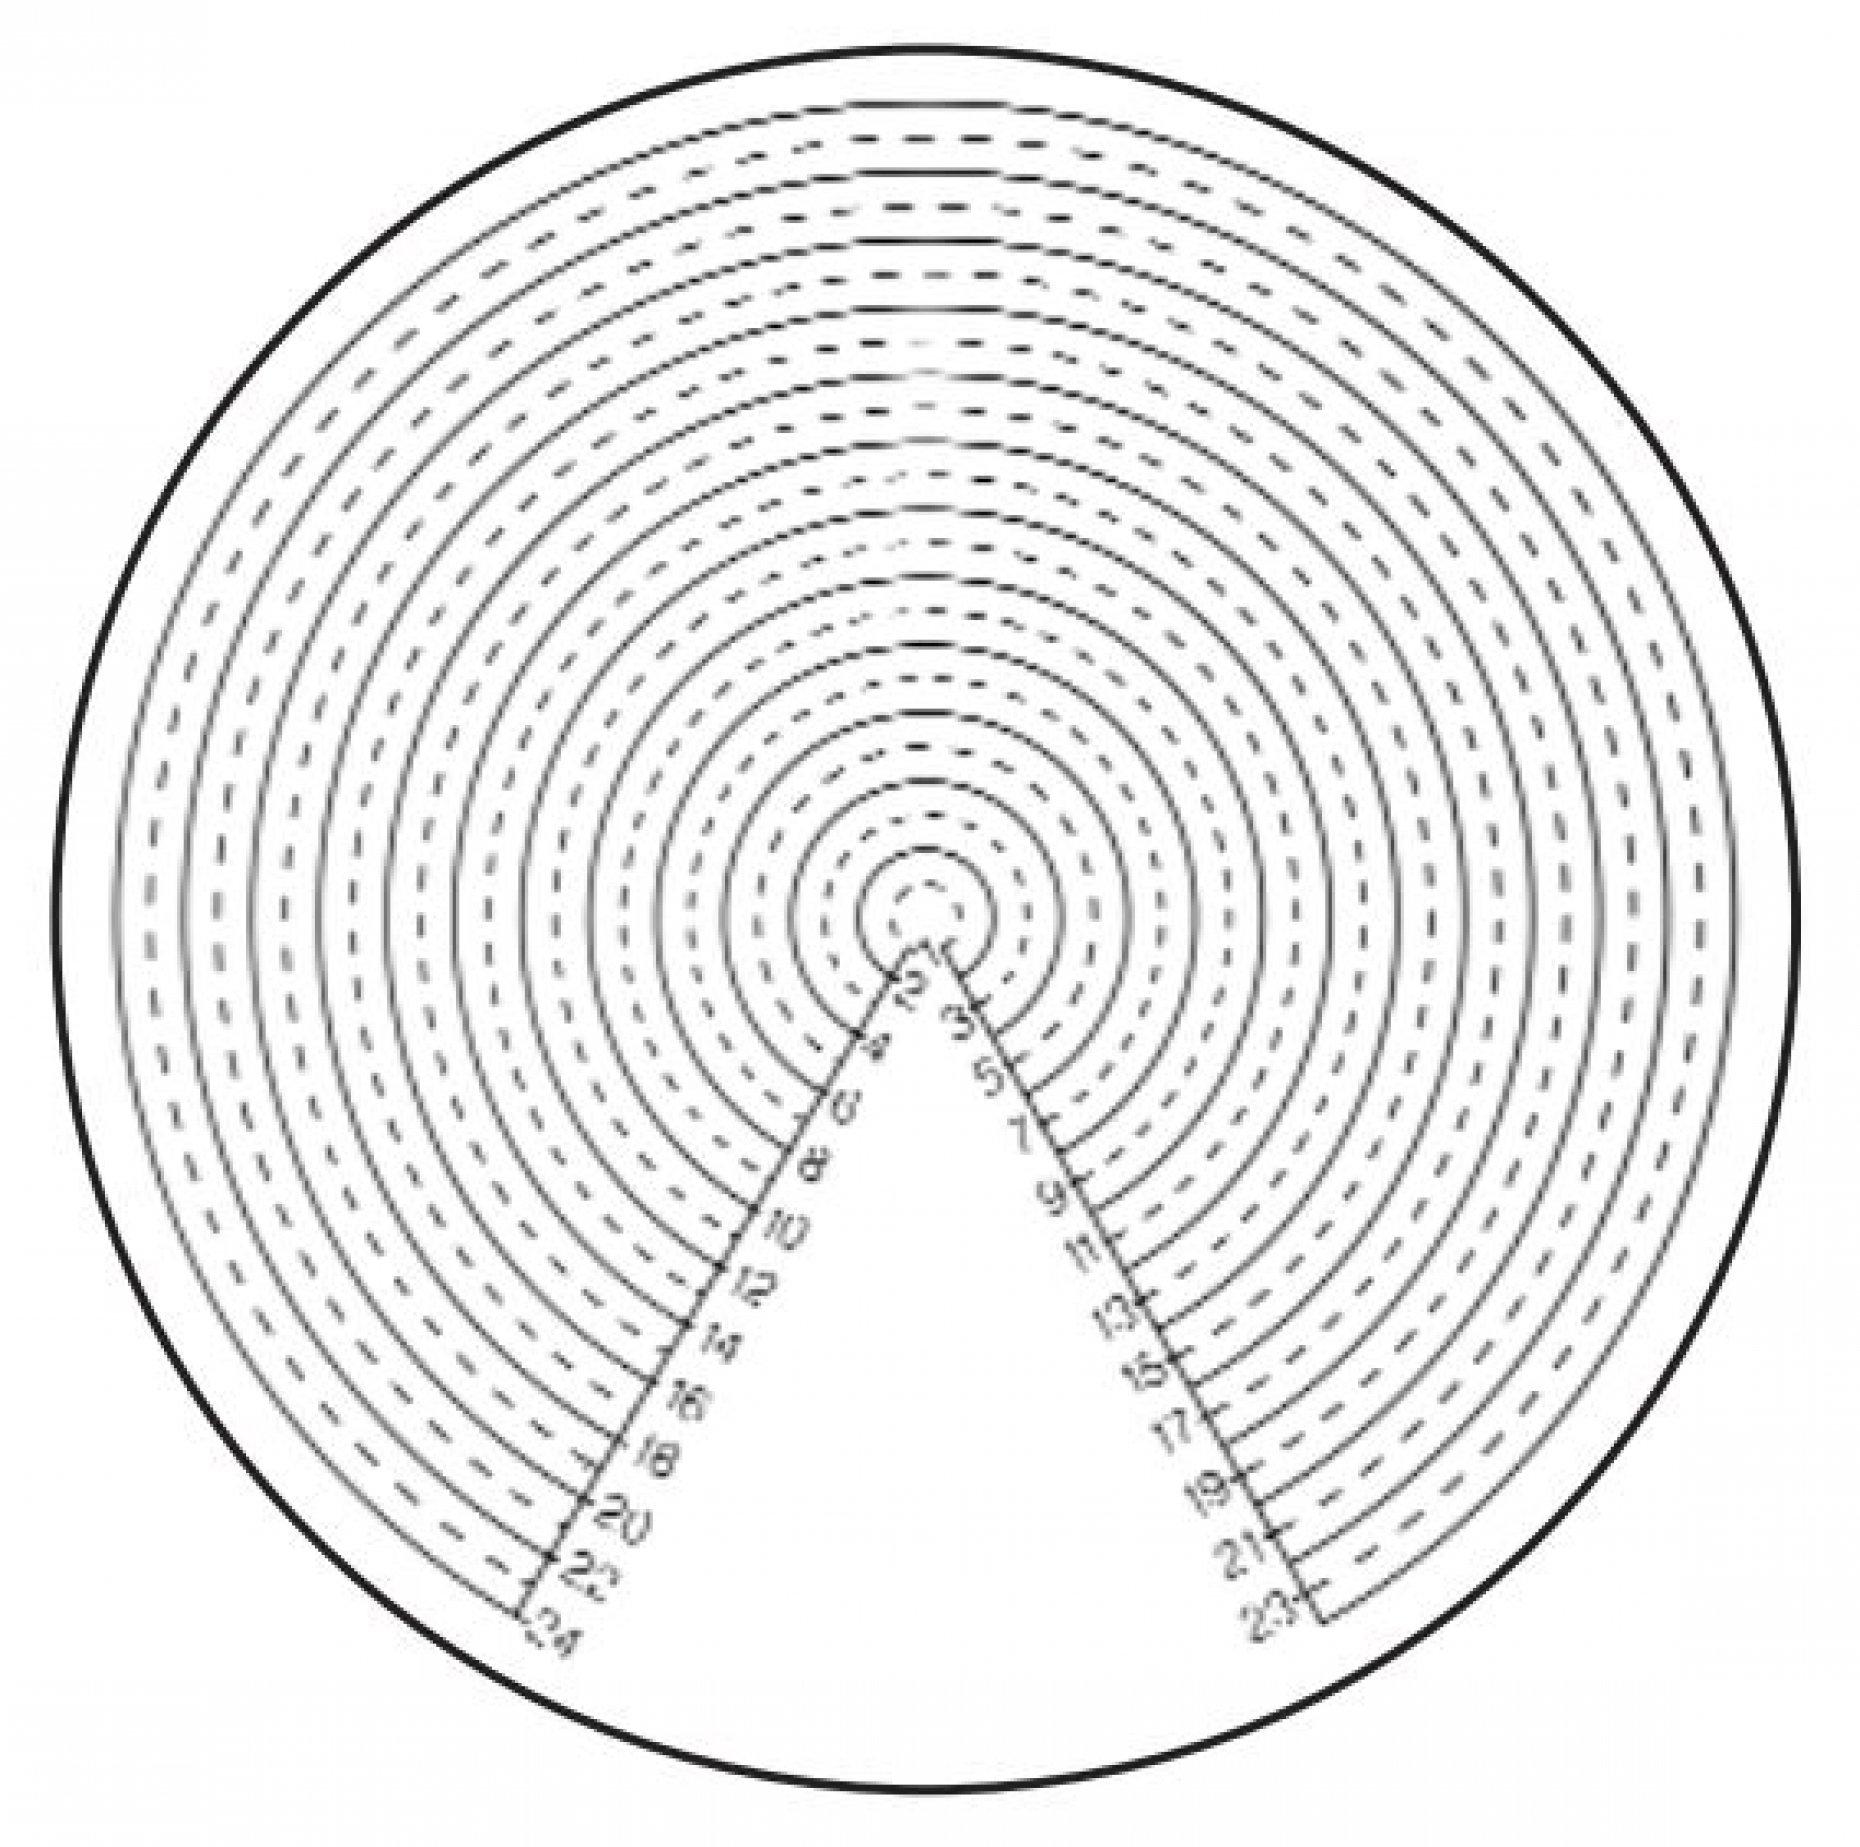 M6T50 Concentric Circles Ø2mm-Ø24mm Pattern